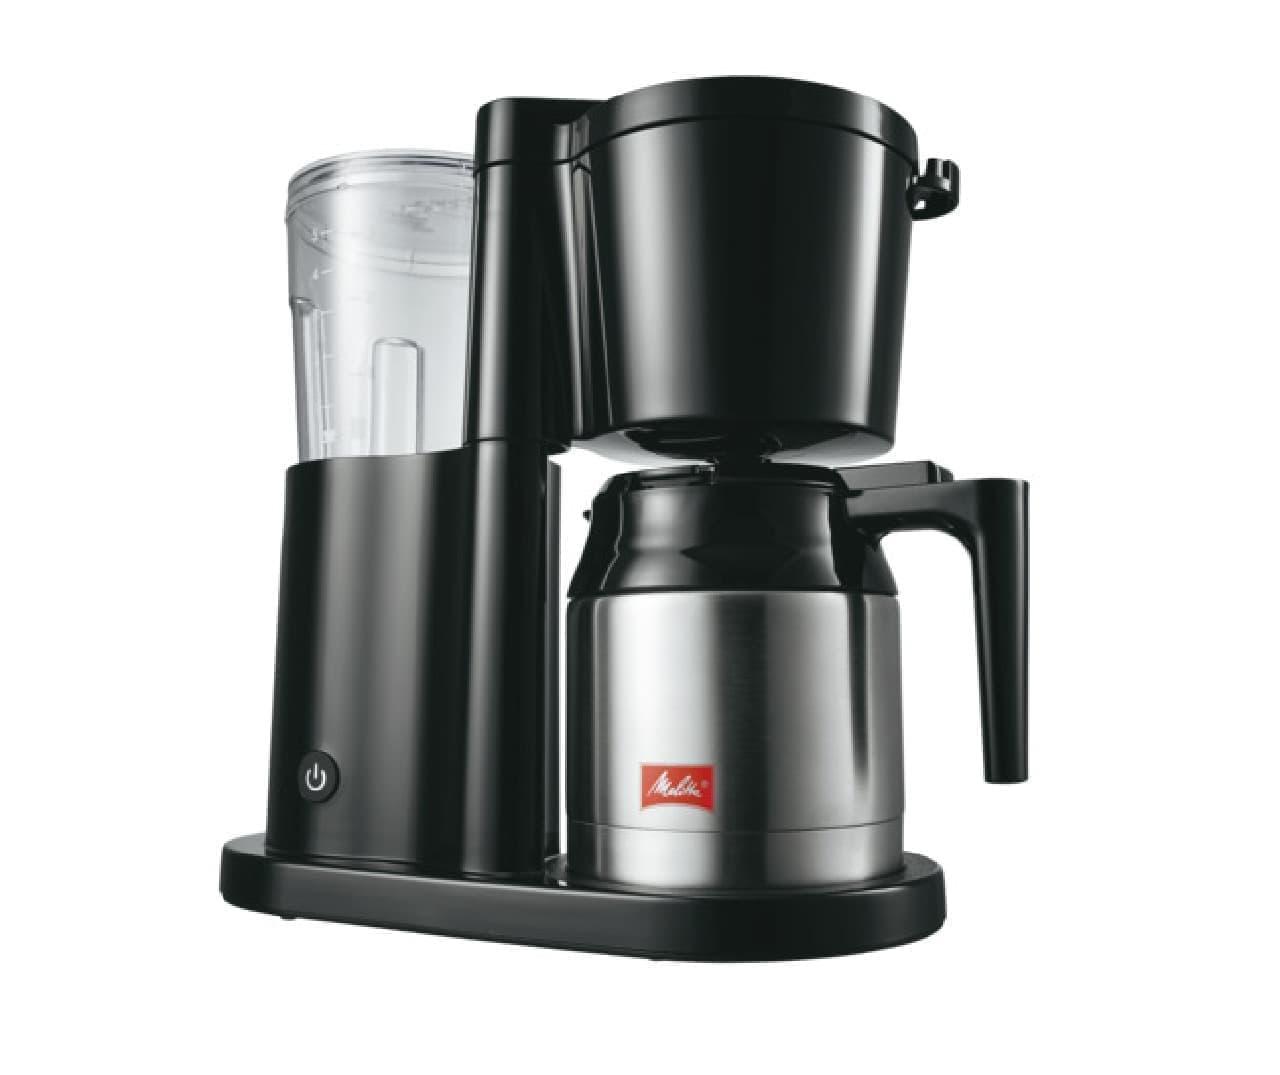 メリタ最新コーヒーメーカー「メリタ オルフィプラス」おいしさ安定&使いやすい機能